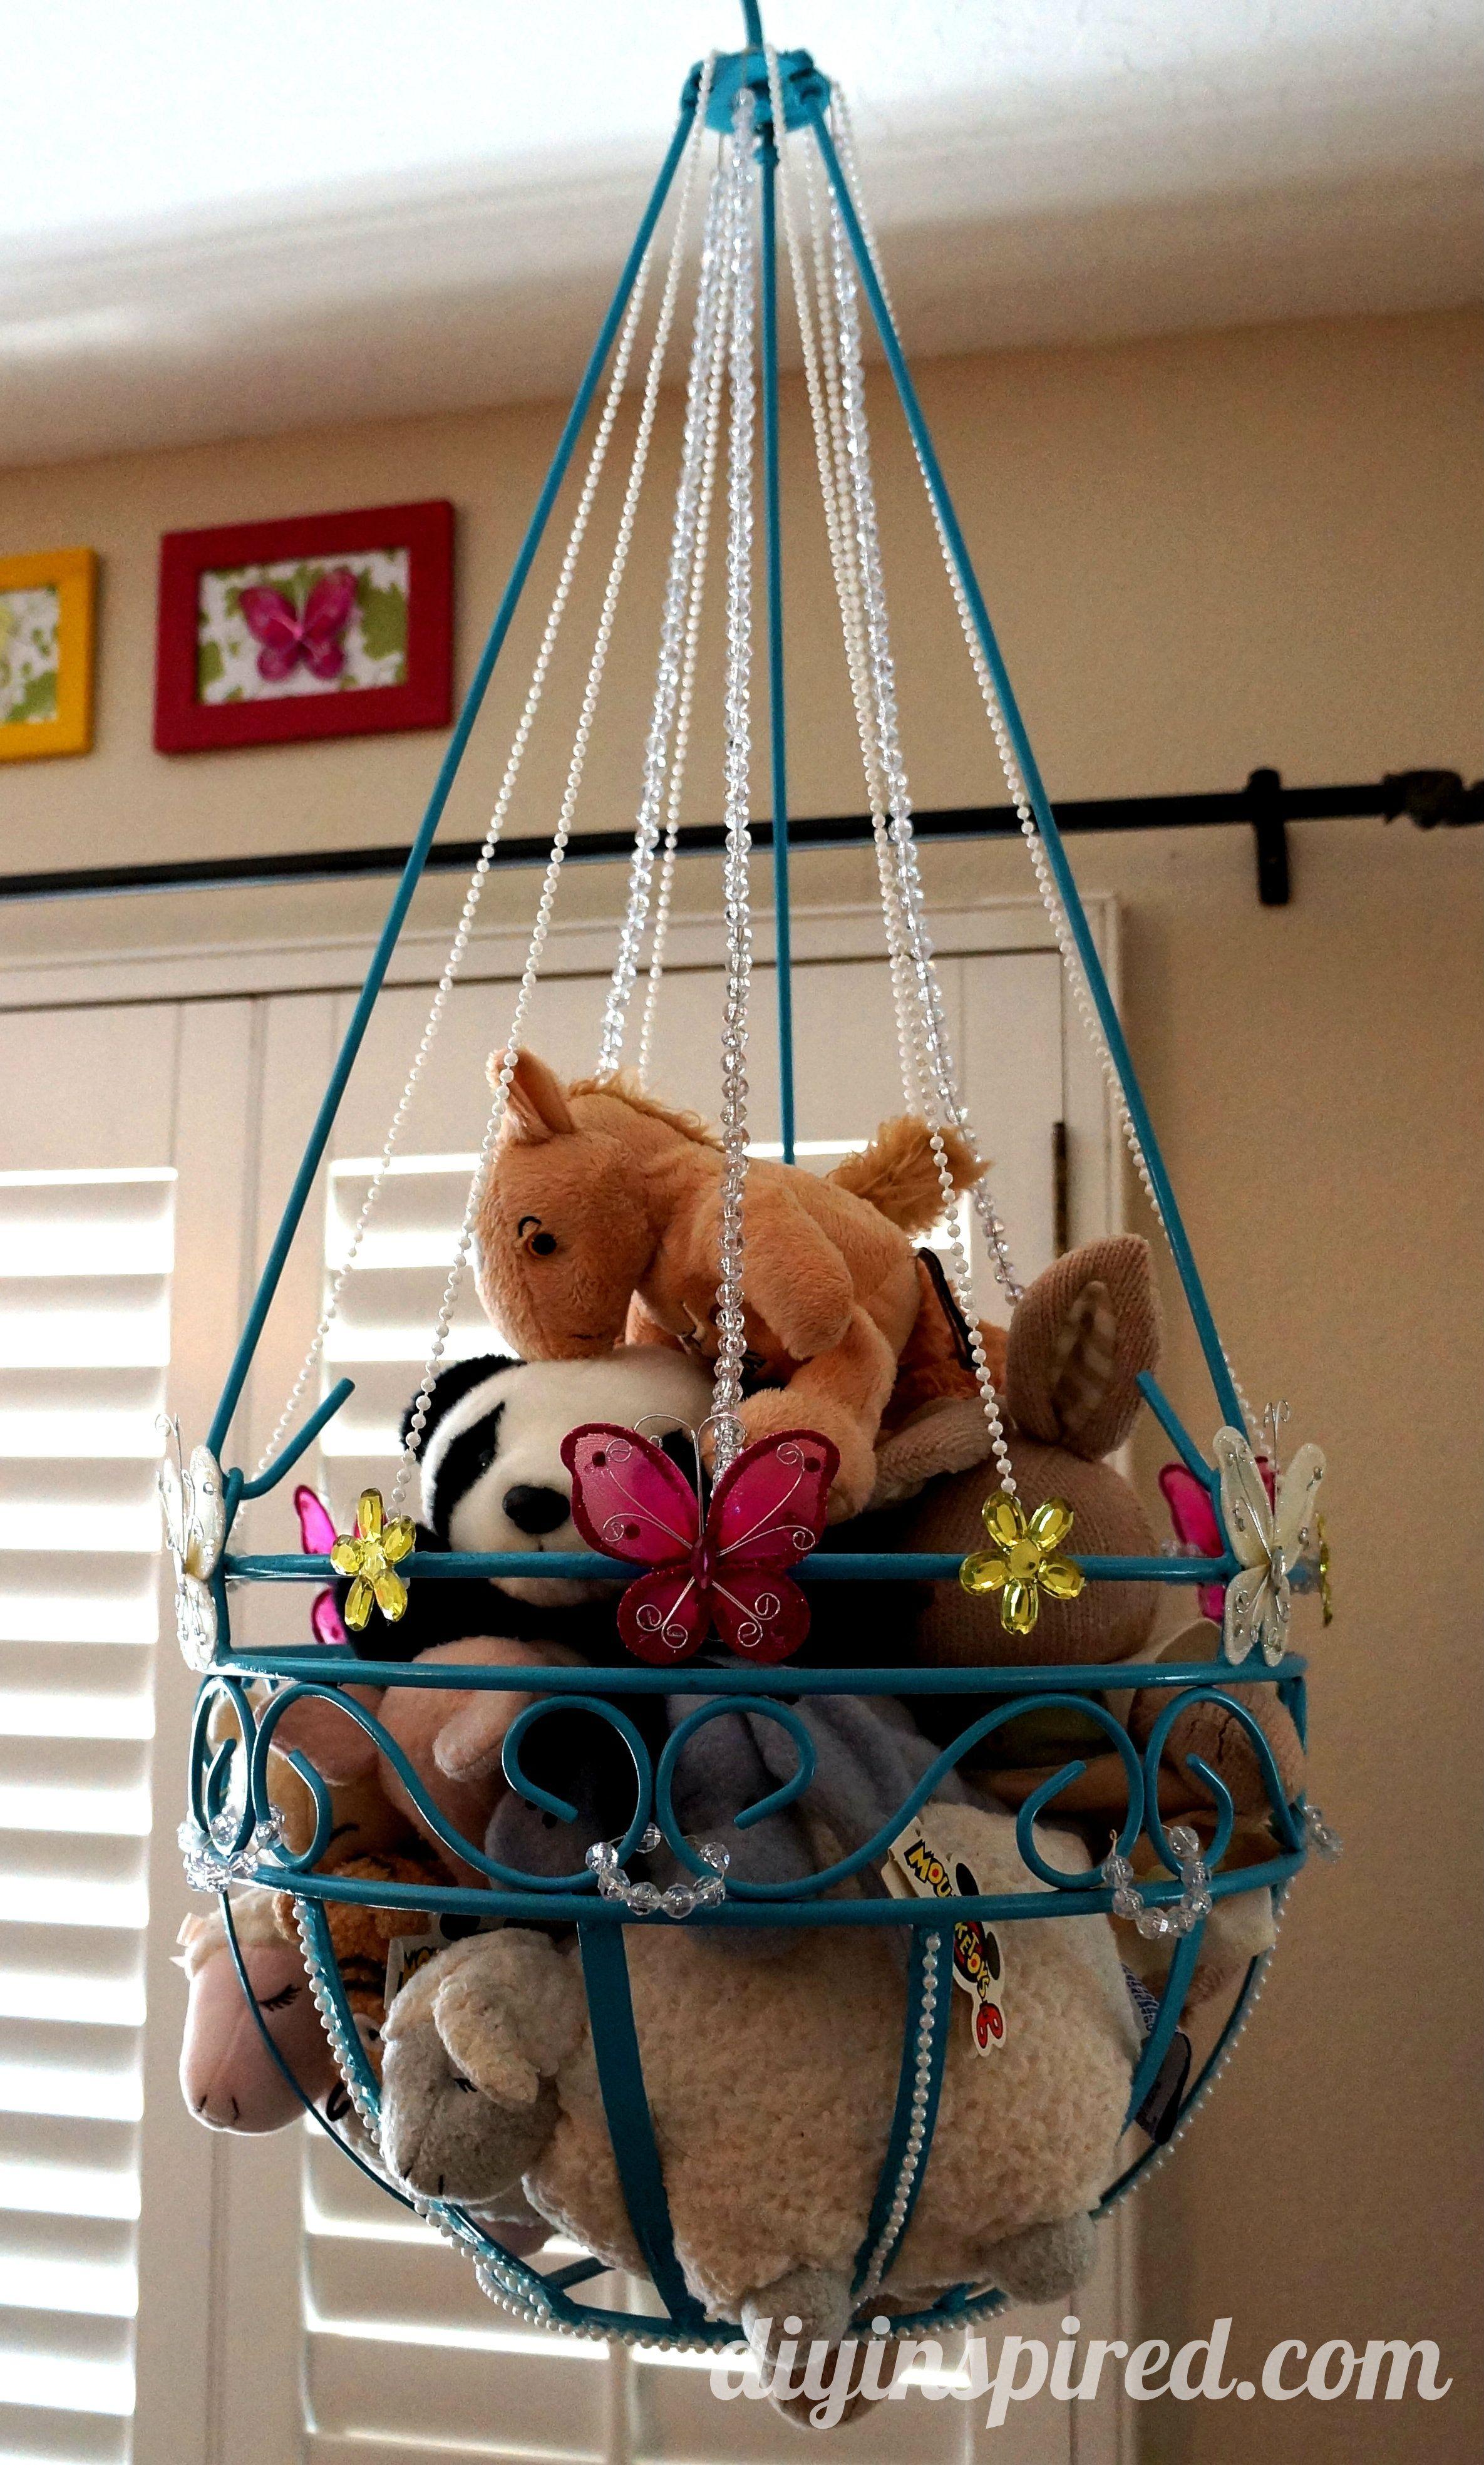 Stuffed Animal Toy Storage Stuffed Animal Storage Diy Toy Storage Kids Play Room Organization